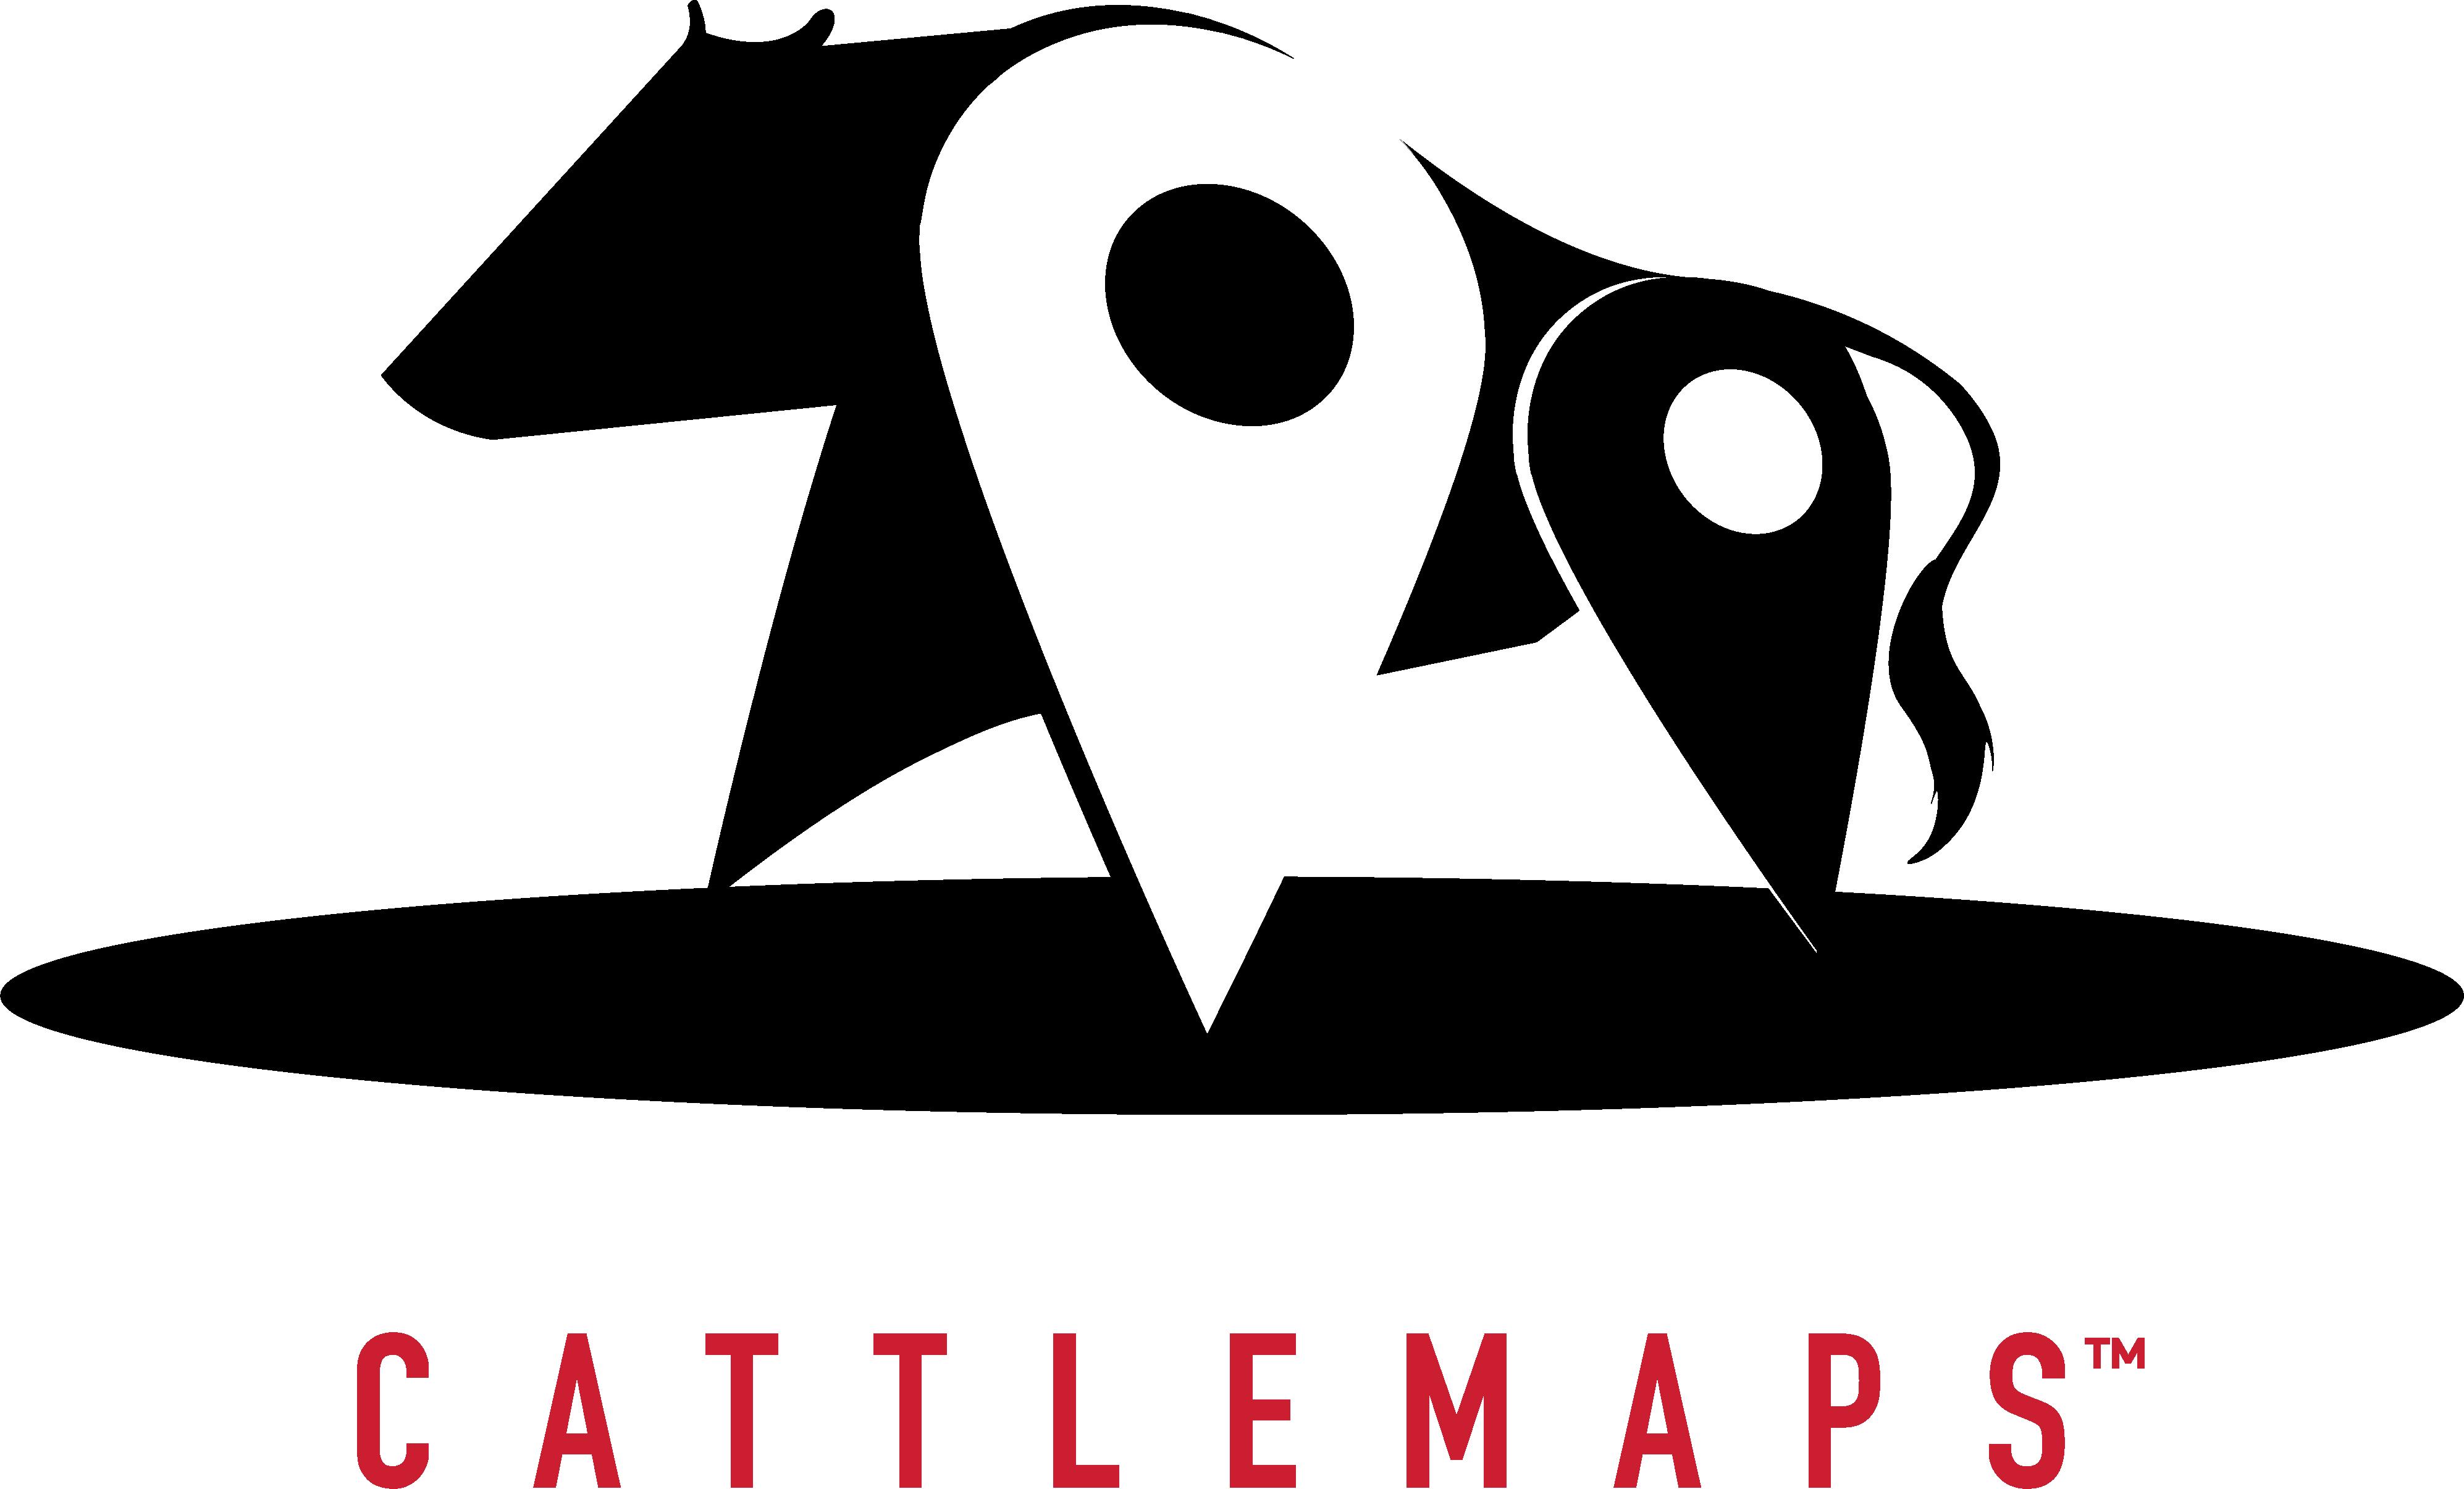 Cattlemaps